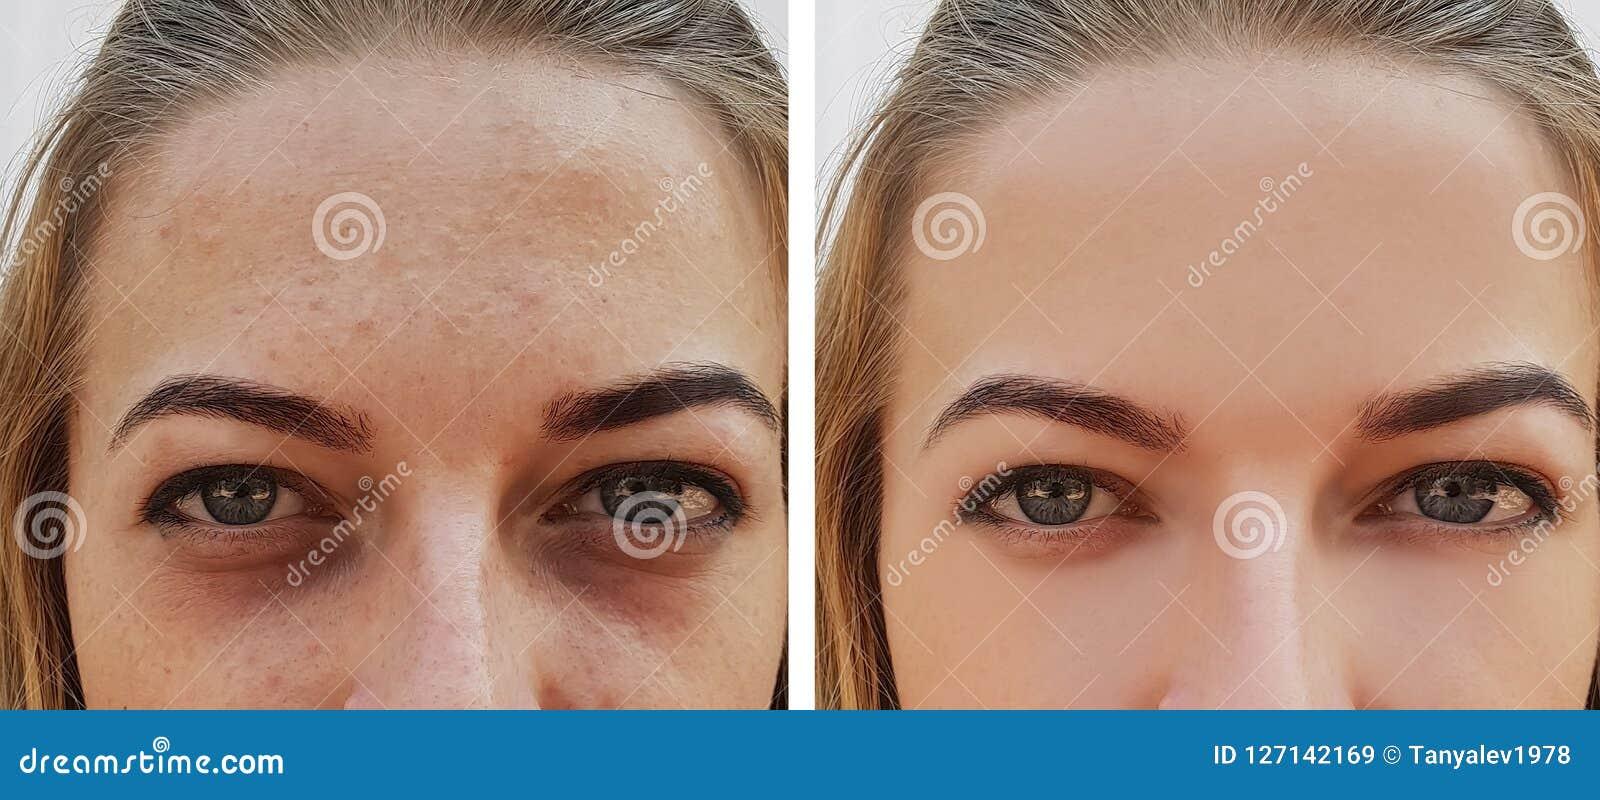 Τσάντα κοριτσιών ματιών κάτω από τα μάτια πριν και μετά από τις καλλυντικές διαδικασίες επεξεργασίας